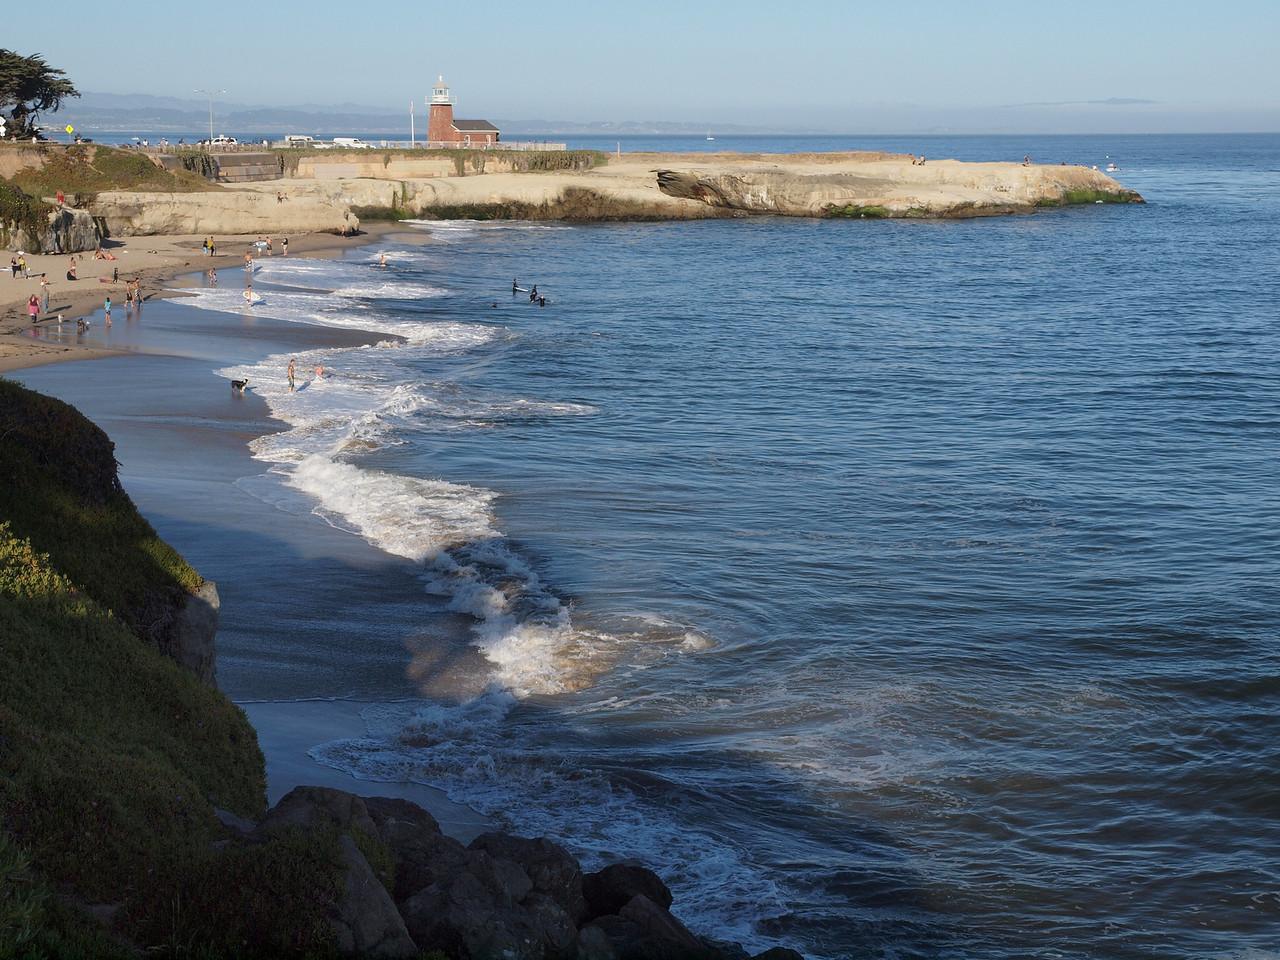 Beach at Santa Cruz, California.